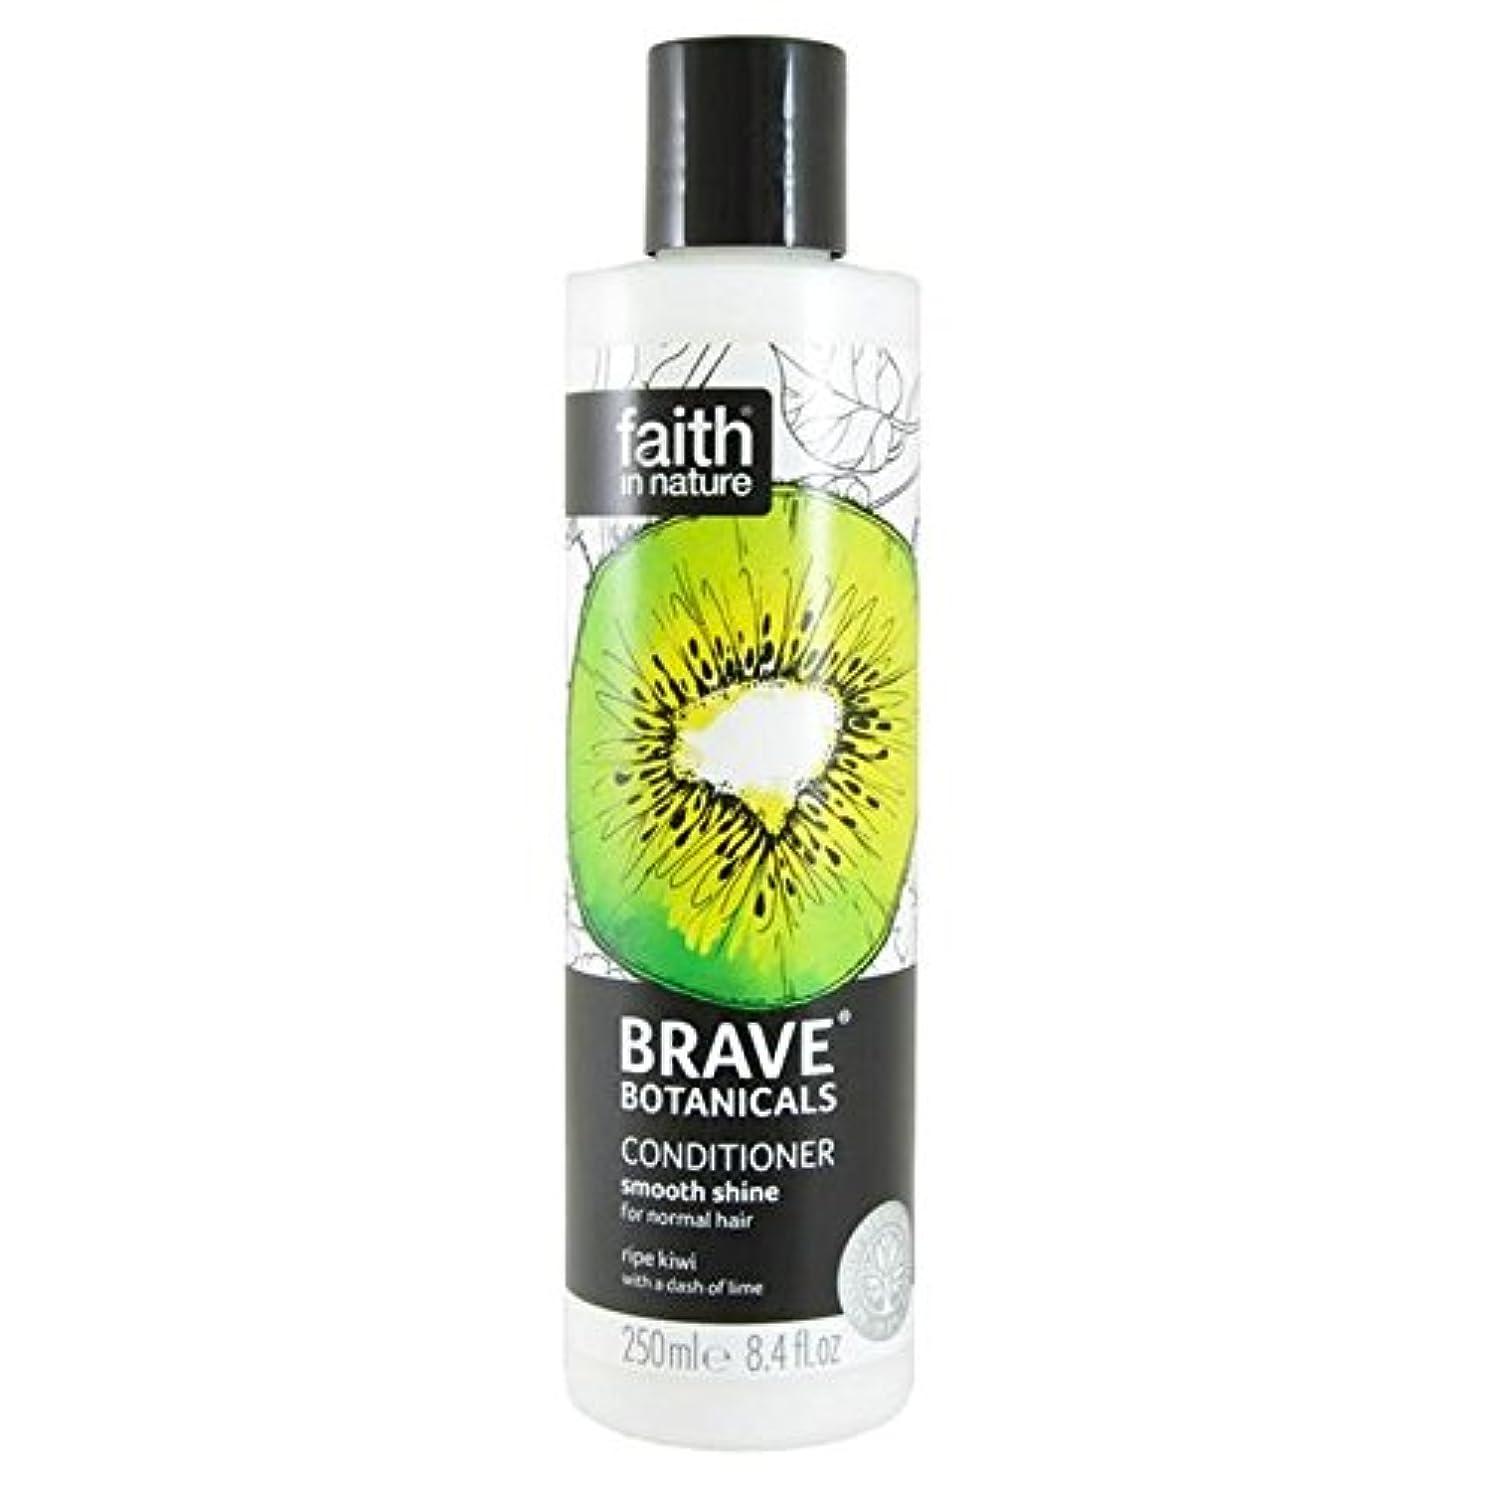 襲撃冷蔵庫ミシンBrave Botanicals Kiwi & Lime Smooth Shine Conditioner 250ml - (Faith In Nature) 勇敢な植物キウイ&ライムなめらかな輝きコンディショナー250Ml...